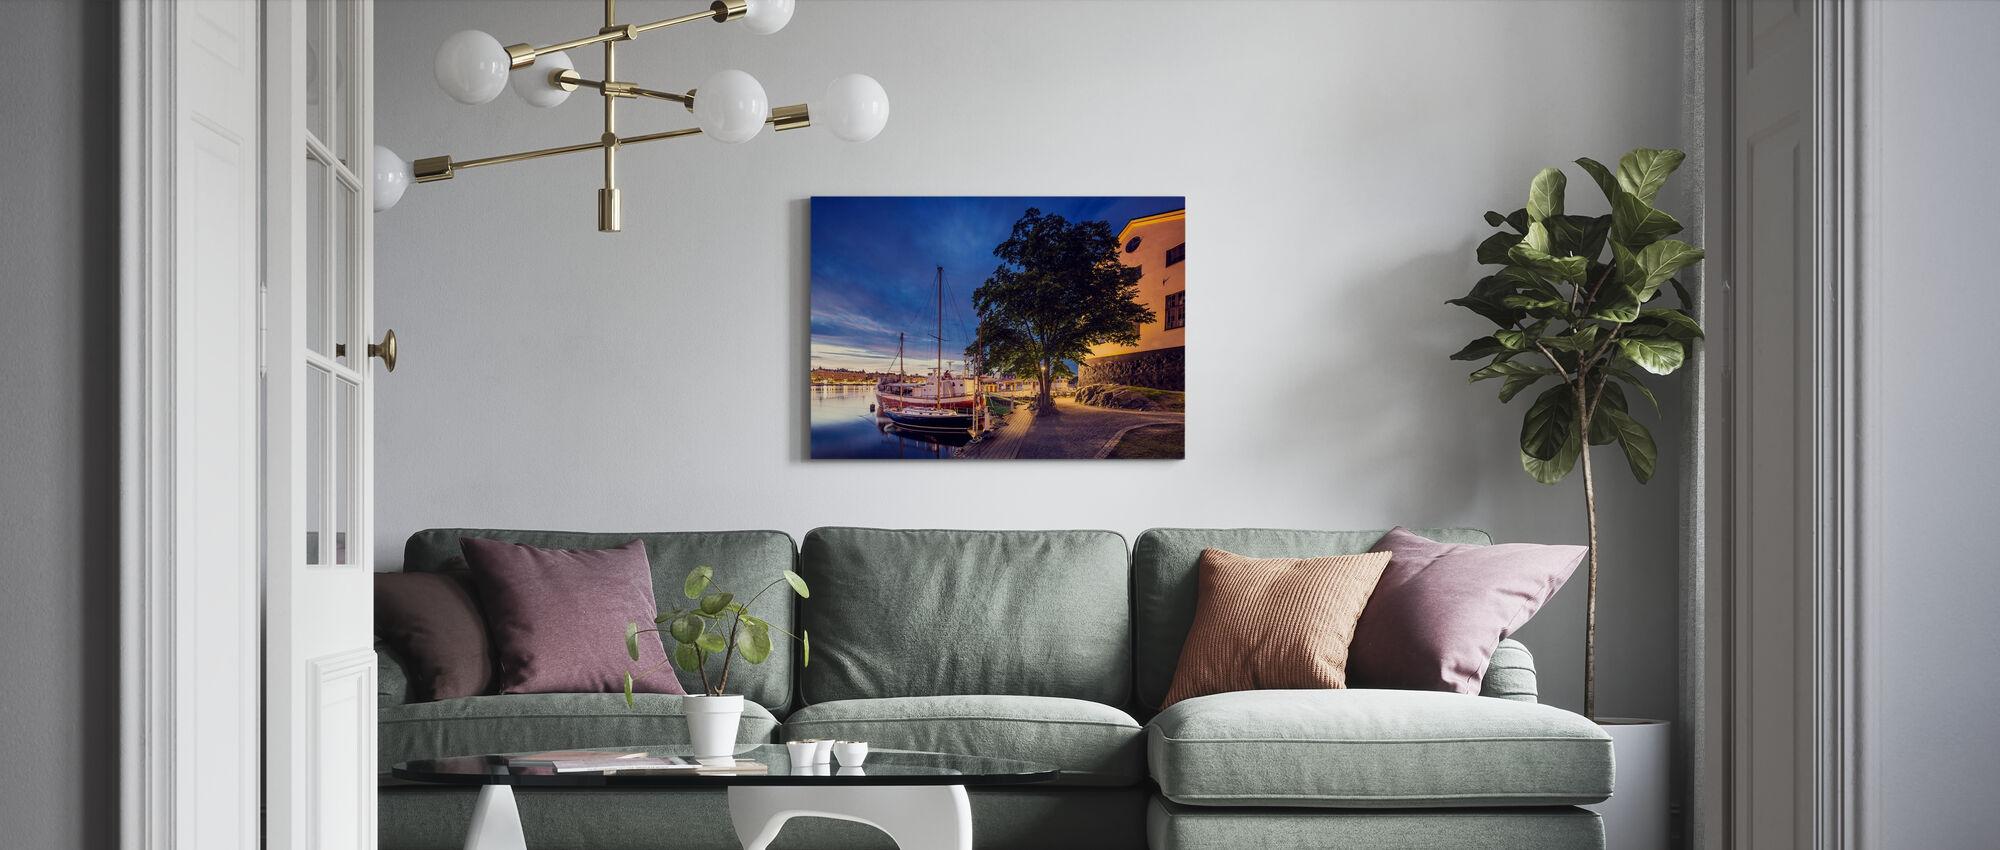 Båtar på Dusk, Stockholm - Canvastavla - Vardagsrum